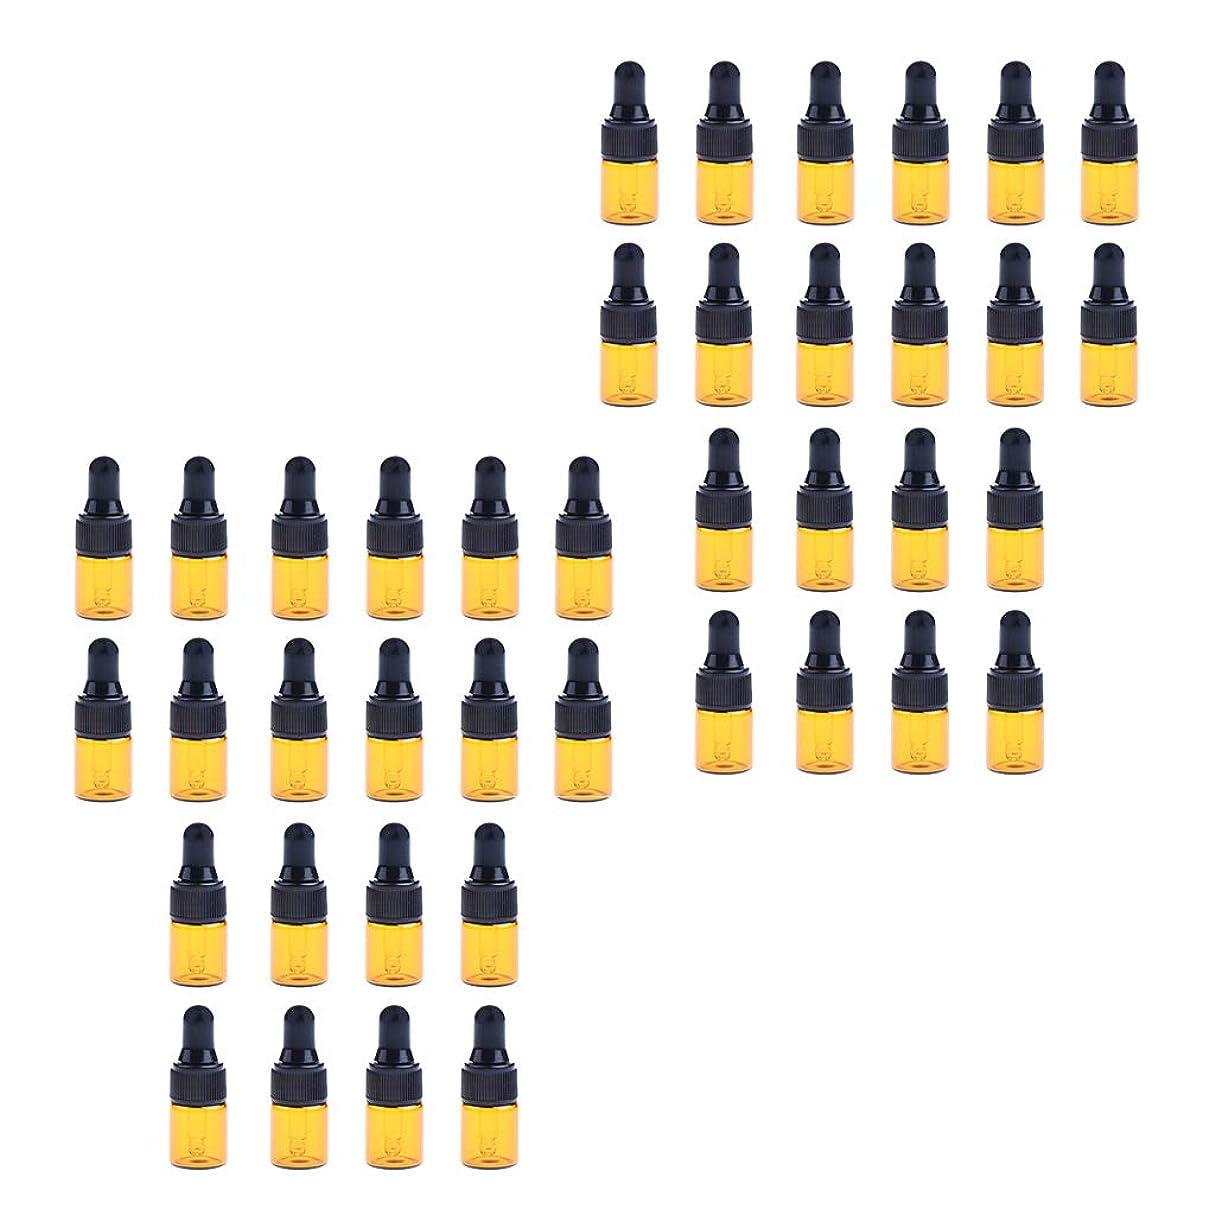 アサー翻訳するコンパクトD DOLITY ドロッパーボトル ガラス瓶 エッセンシャルオイル 精油 保存容器 詰め替え 小型 1ml /2ml 40個入